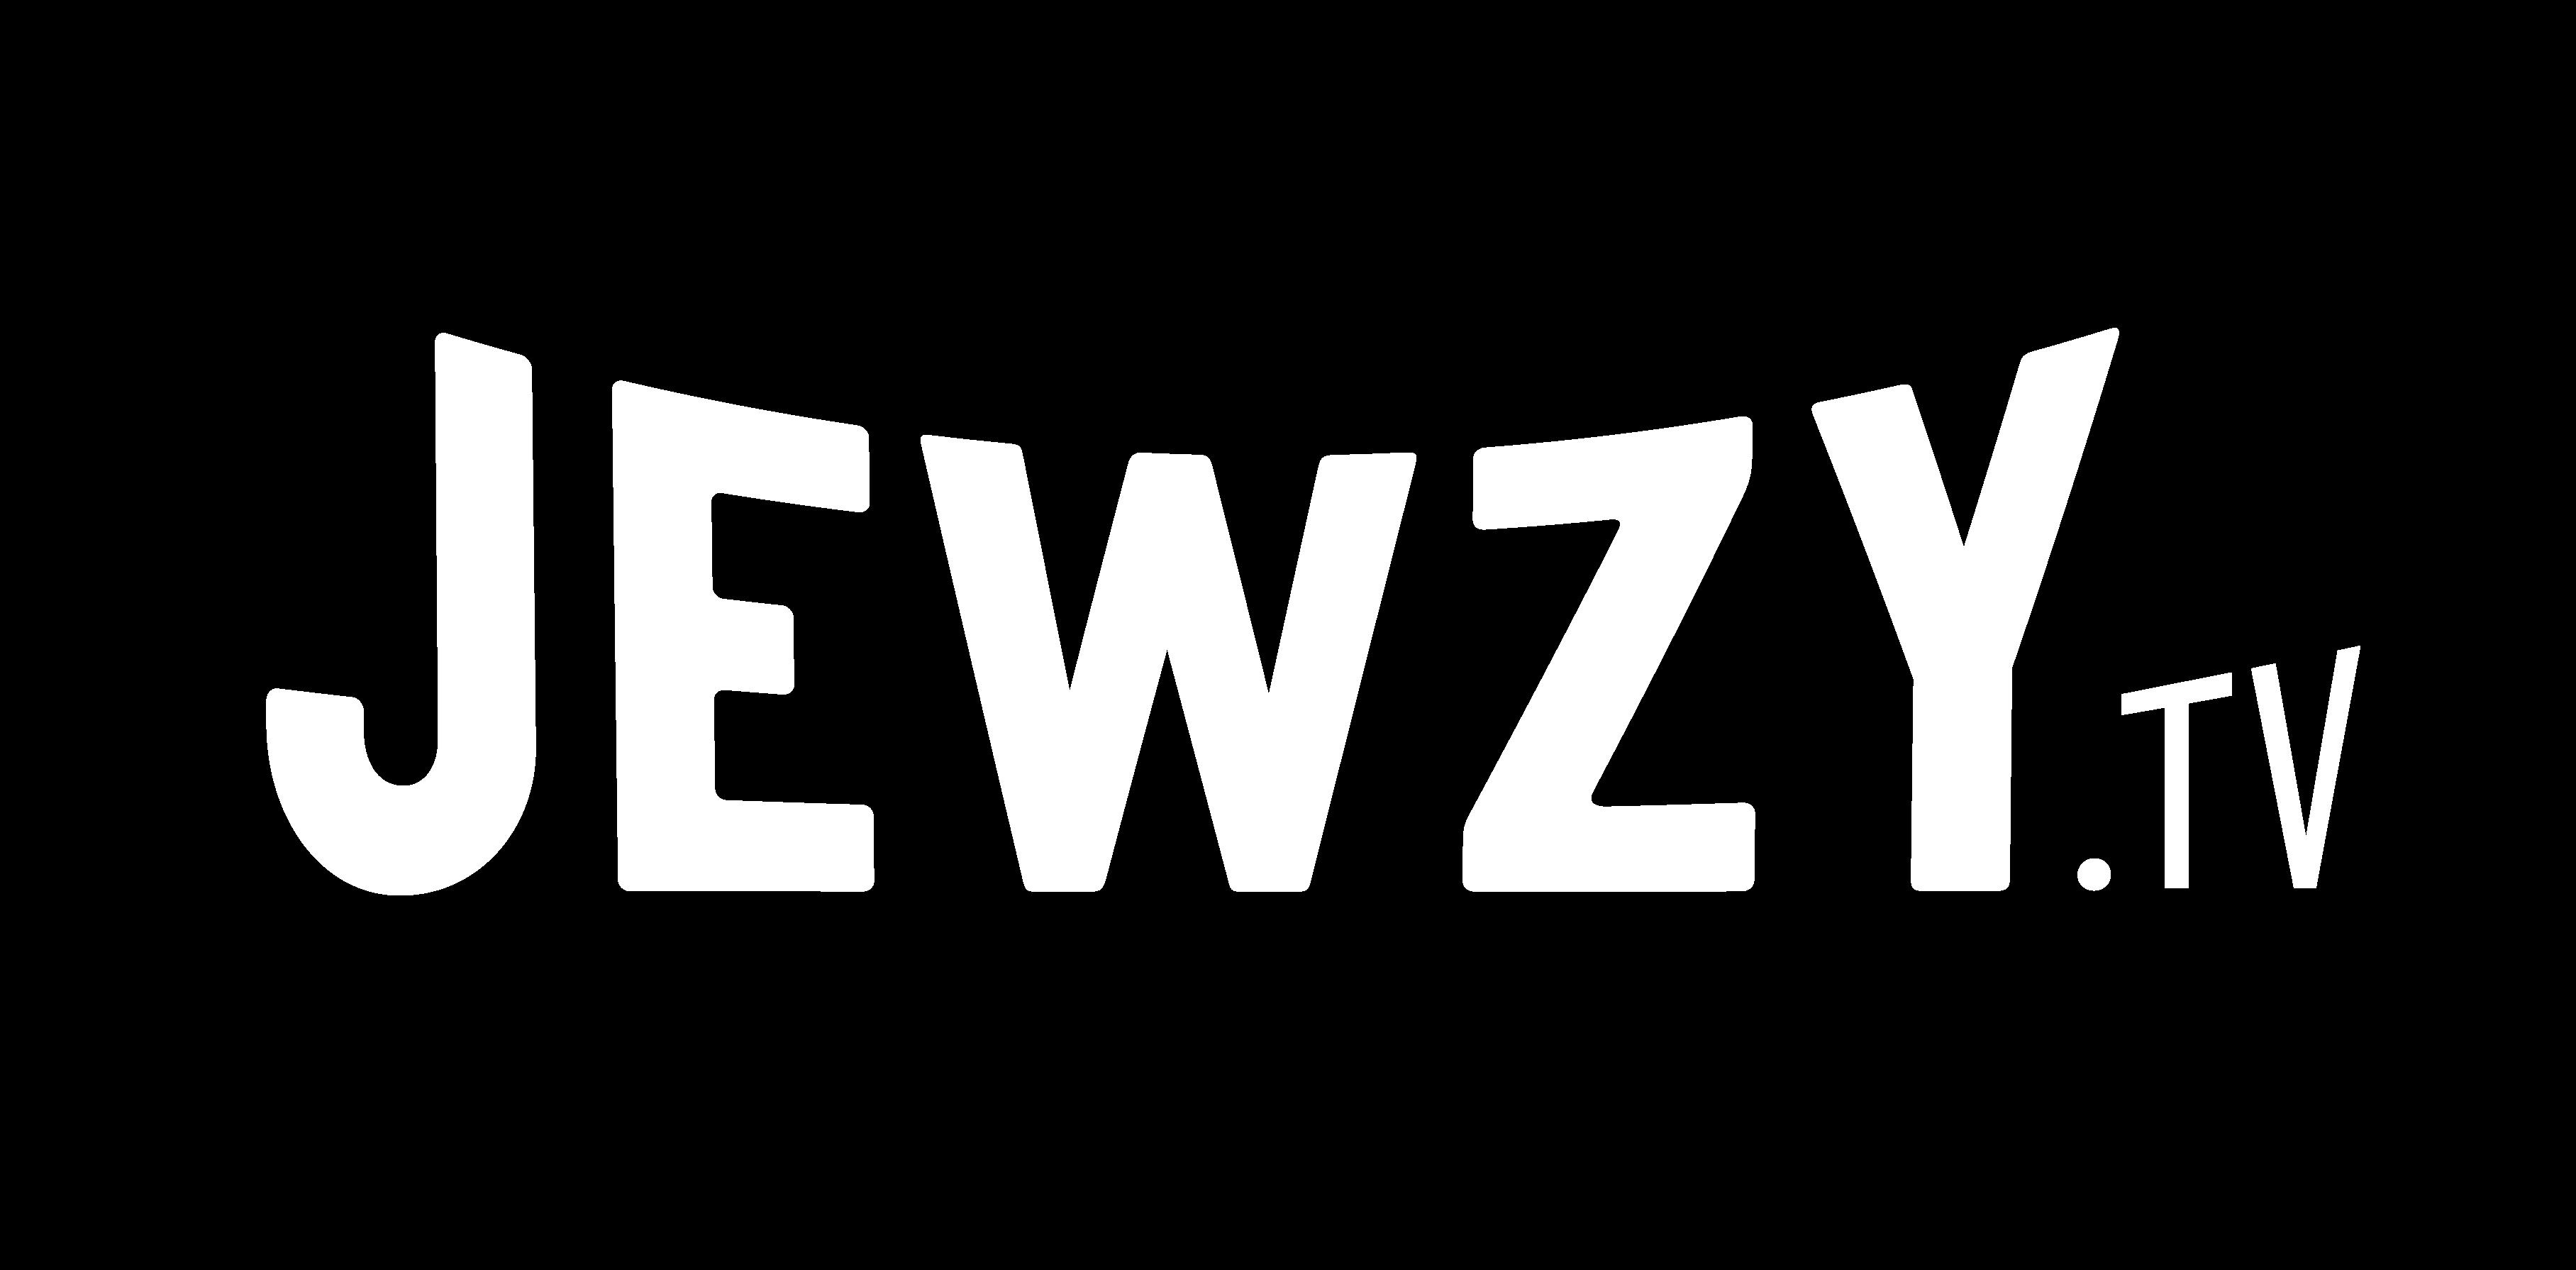 JEWZY .TV